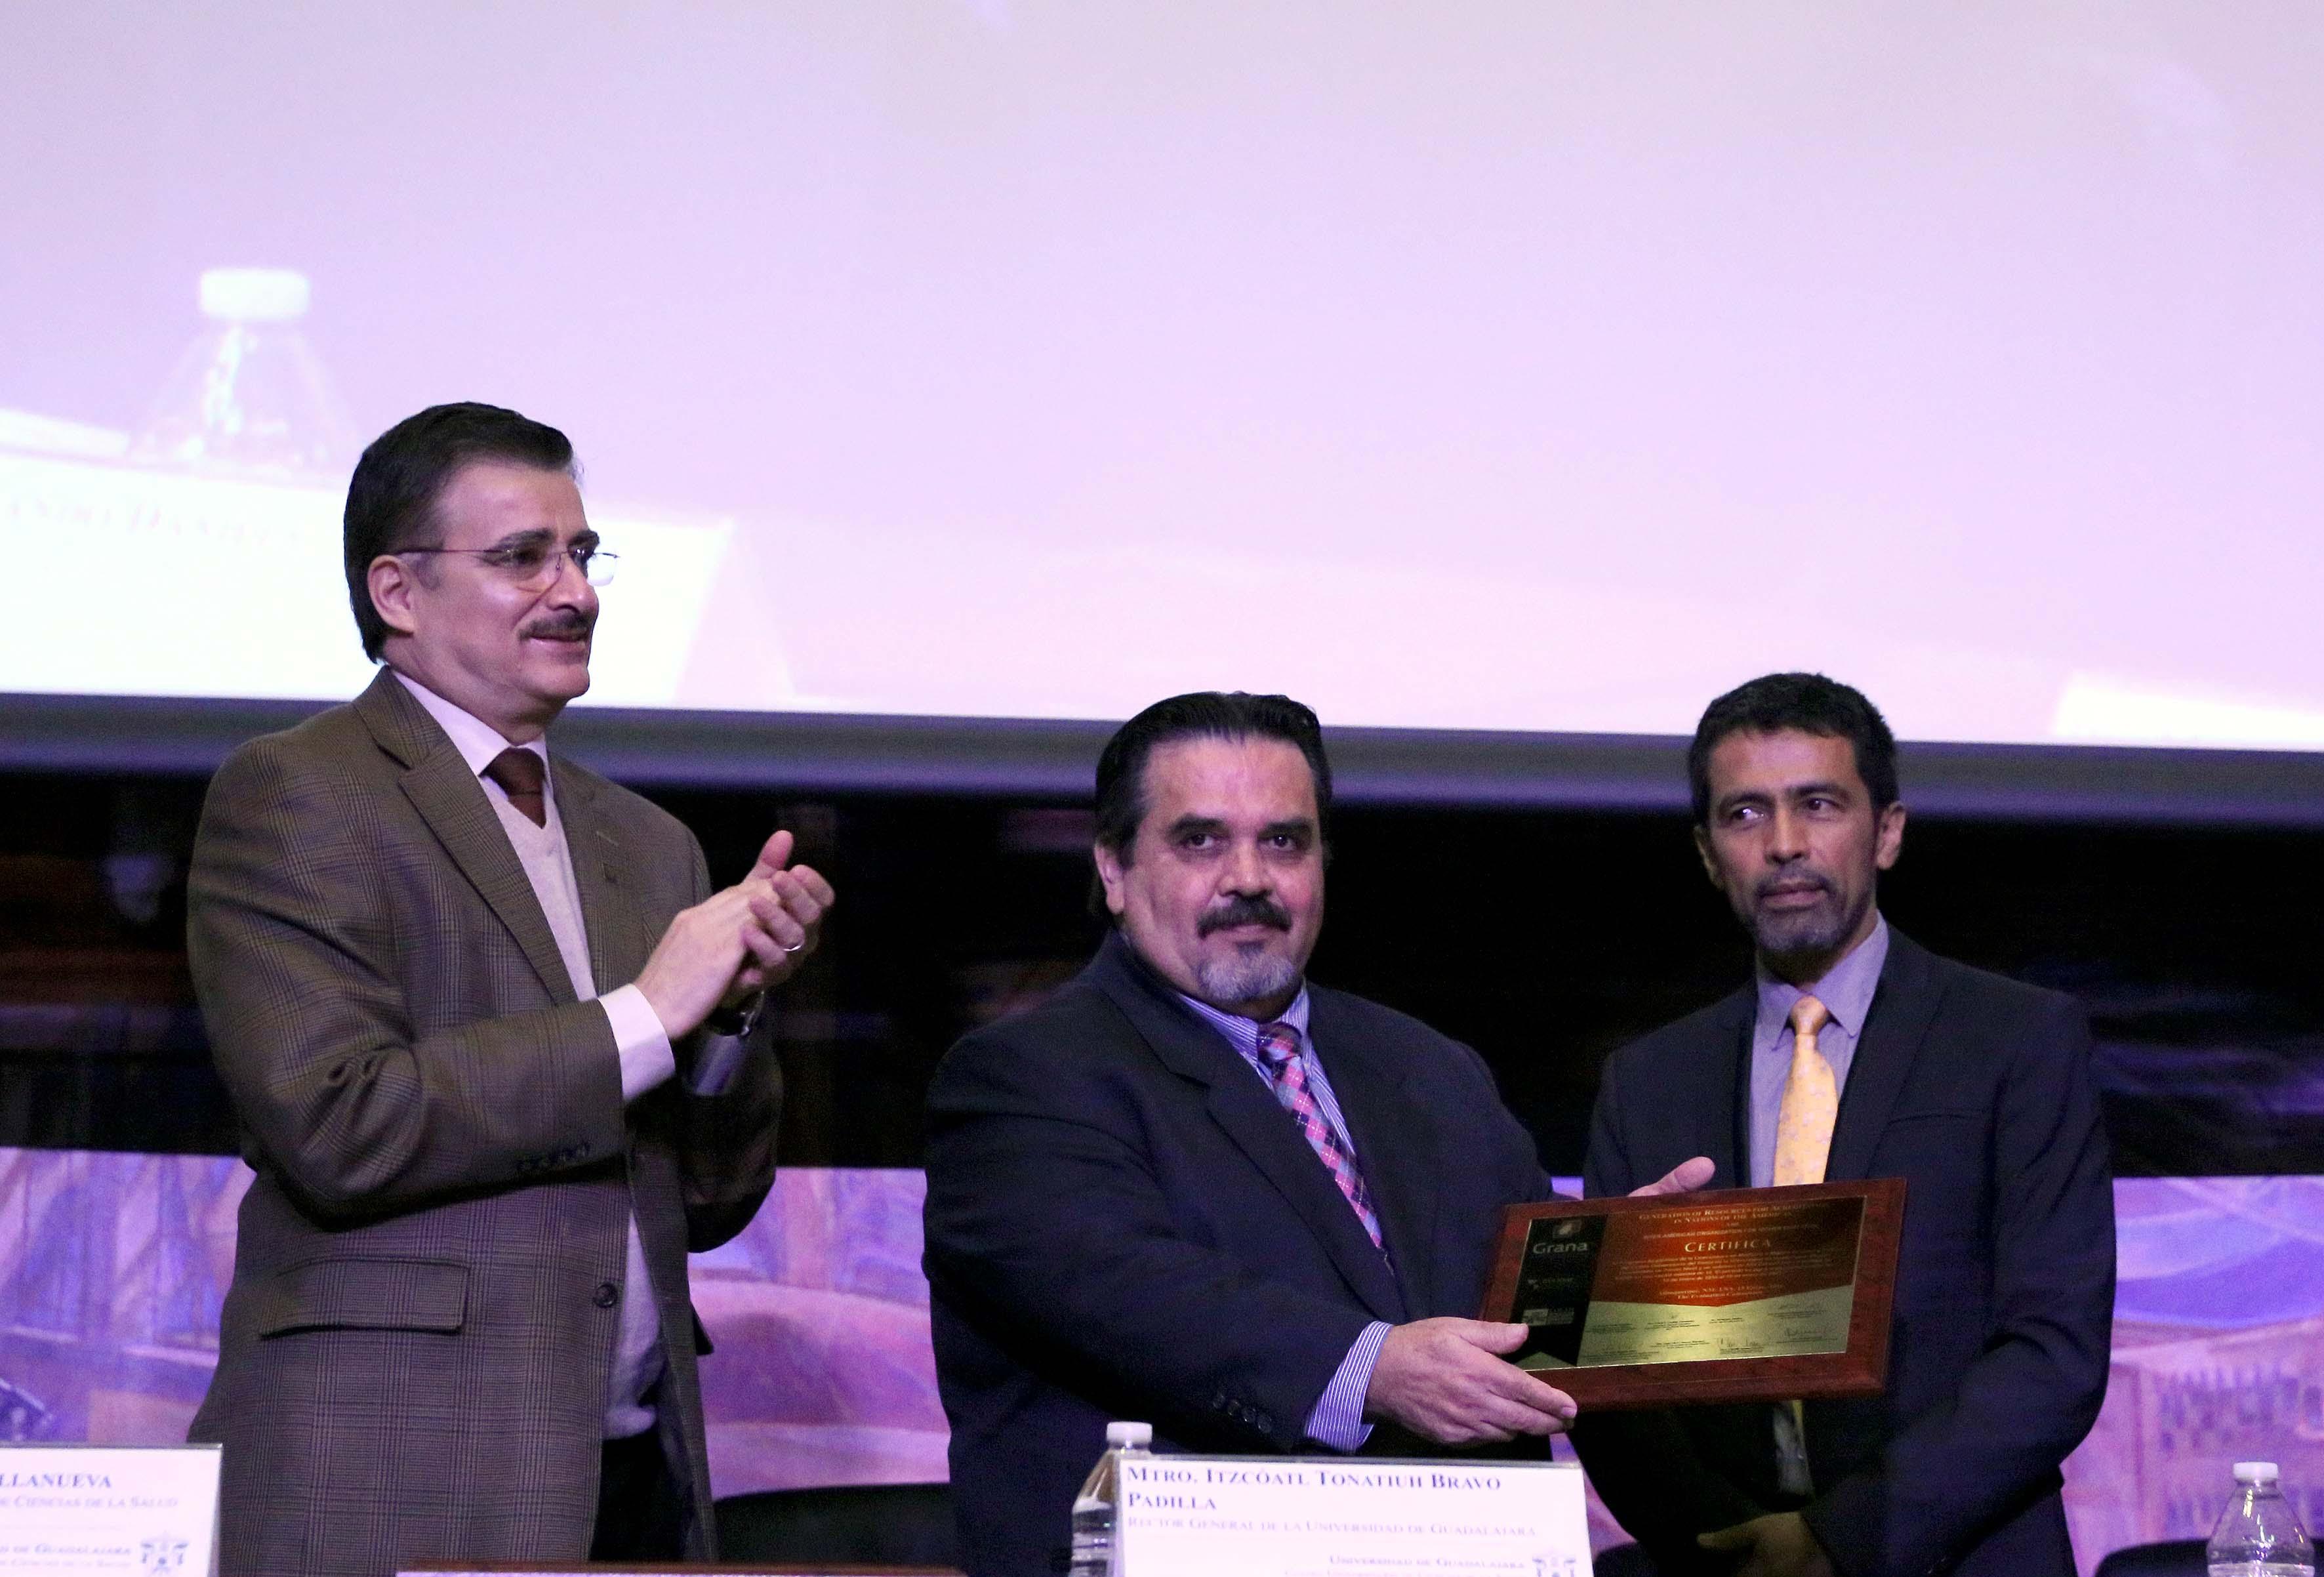 Recibiendo la acreditación el Rector de CUCOSTA, Dr. Marco Antonio Cortés Guardado.